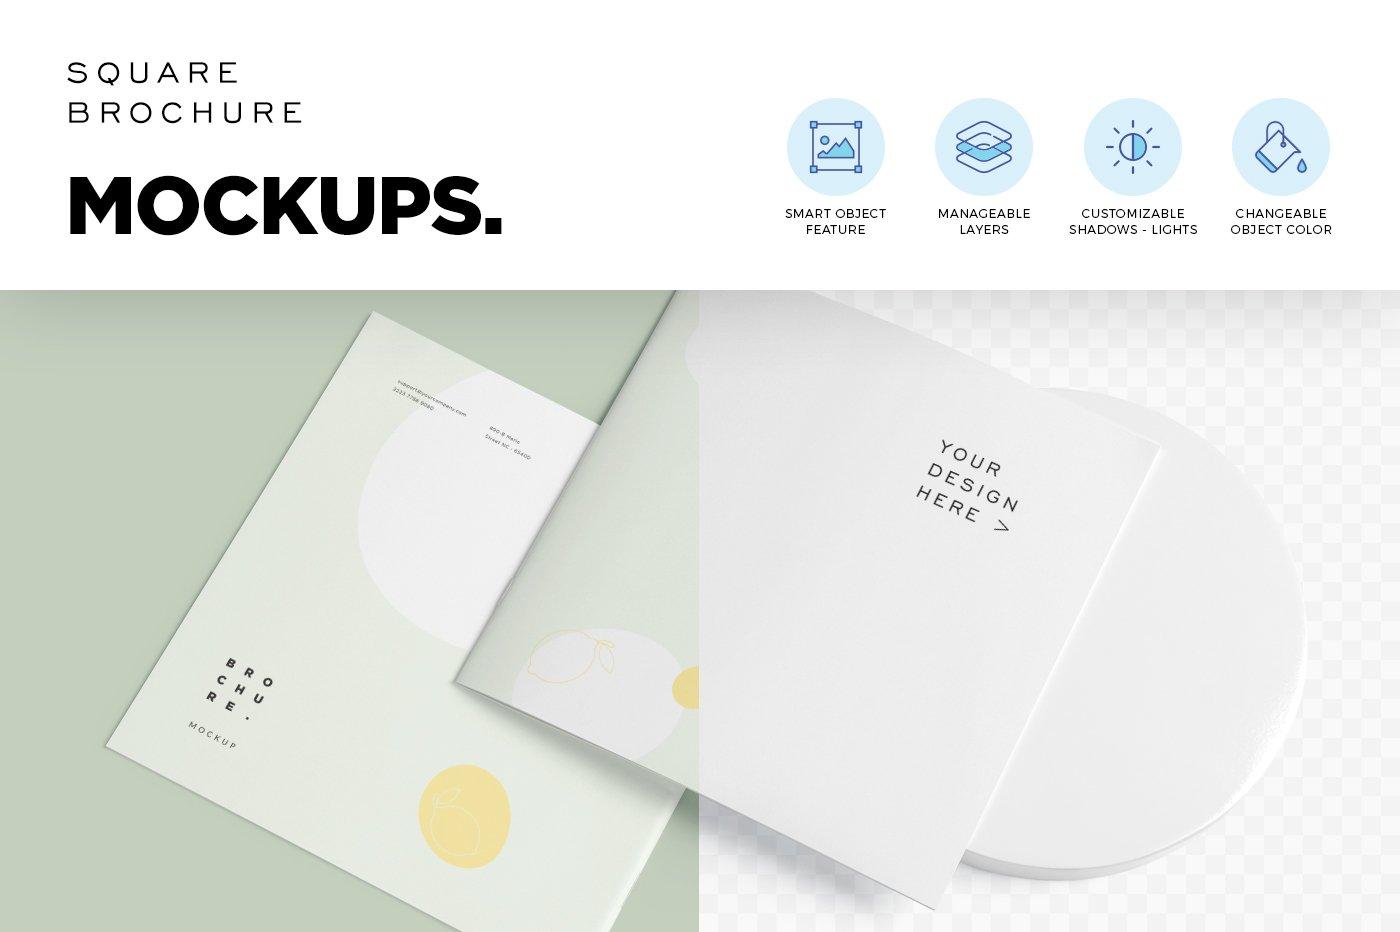 软封面方形小册子设计展示样机 Soft Cover Square Brochure Mockups插图(3)